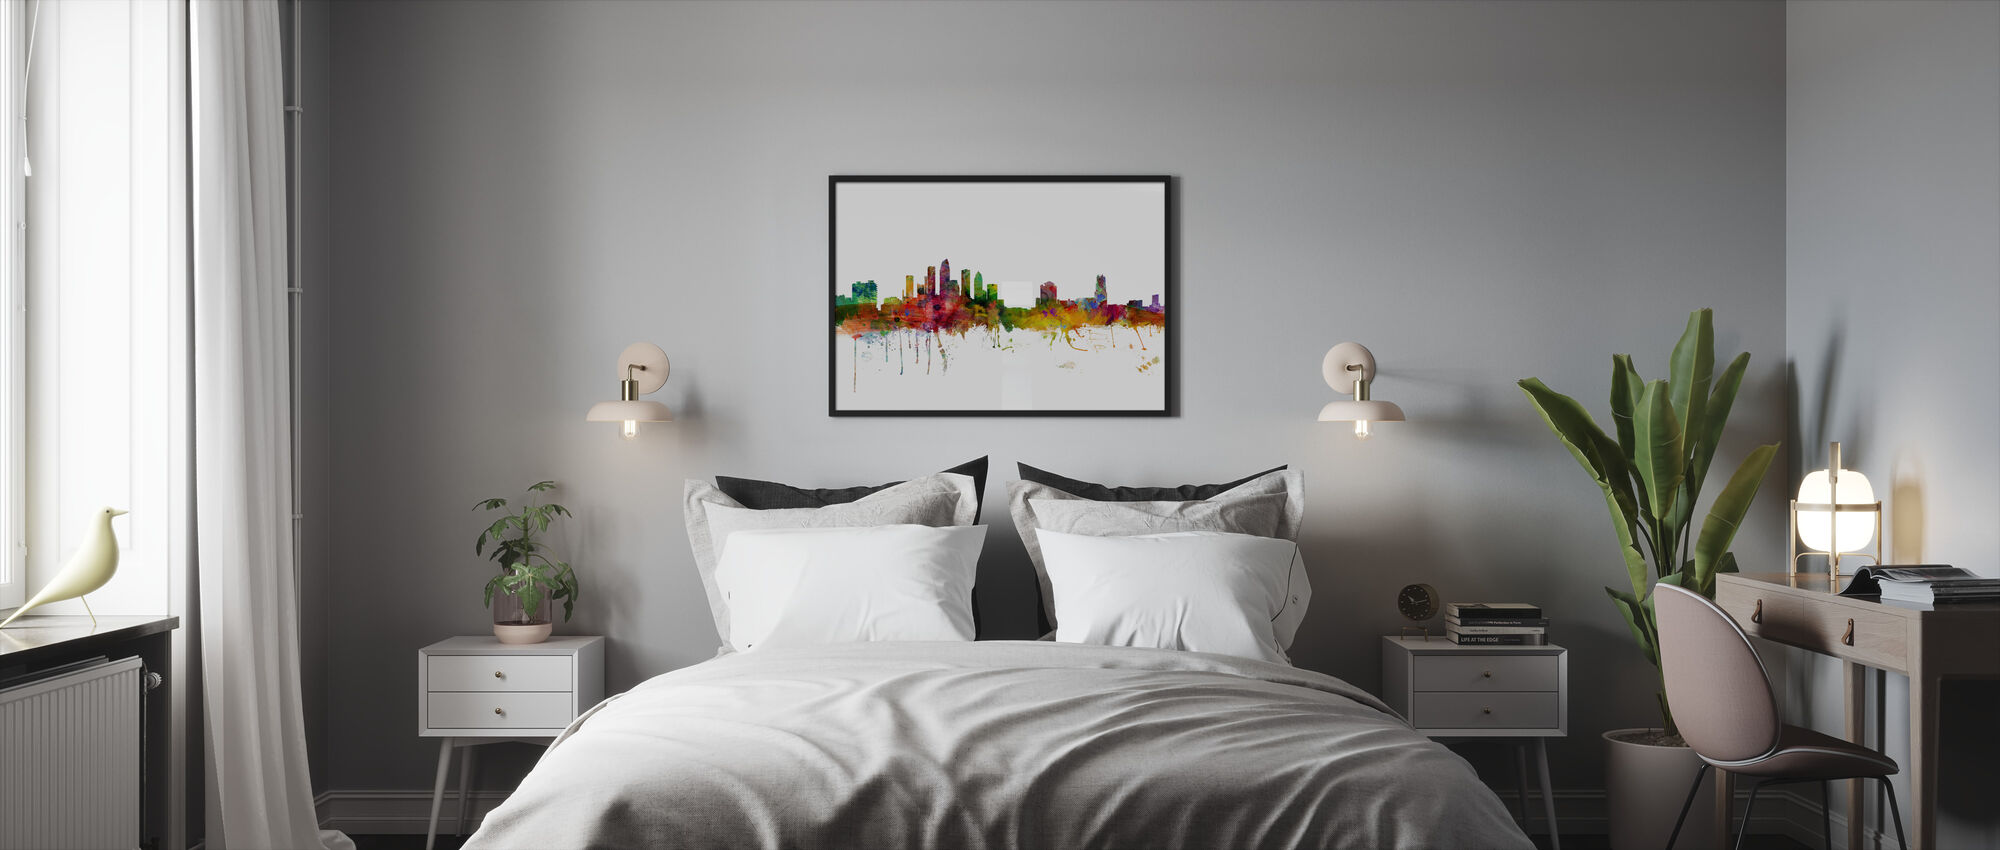 Tampa Florida Skyline - Framed print - Bedroom